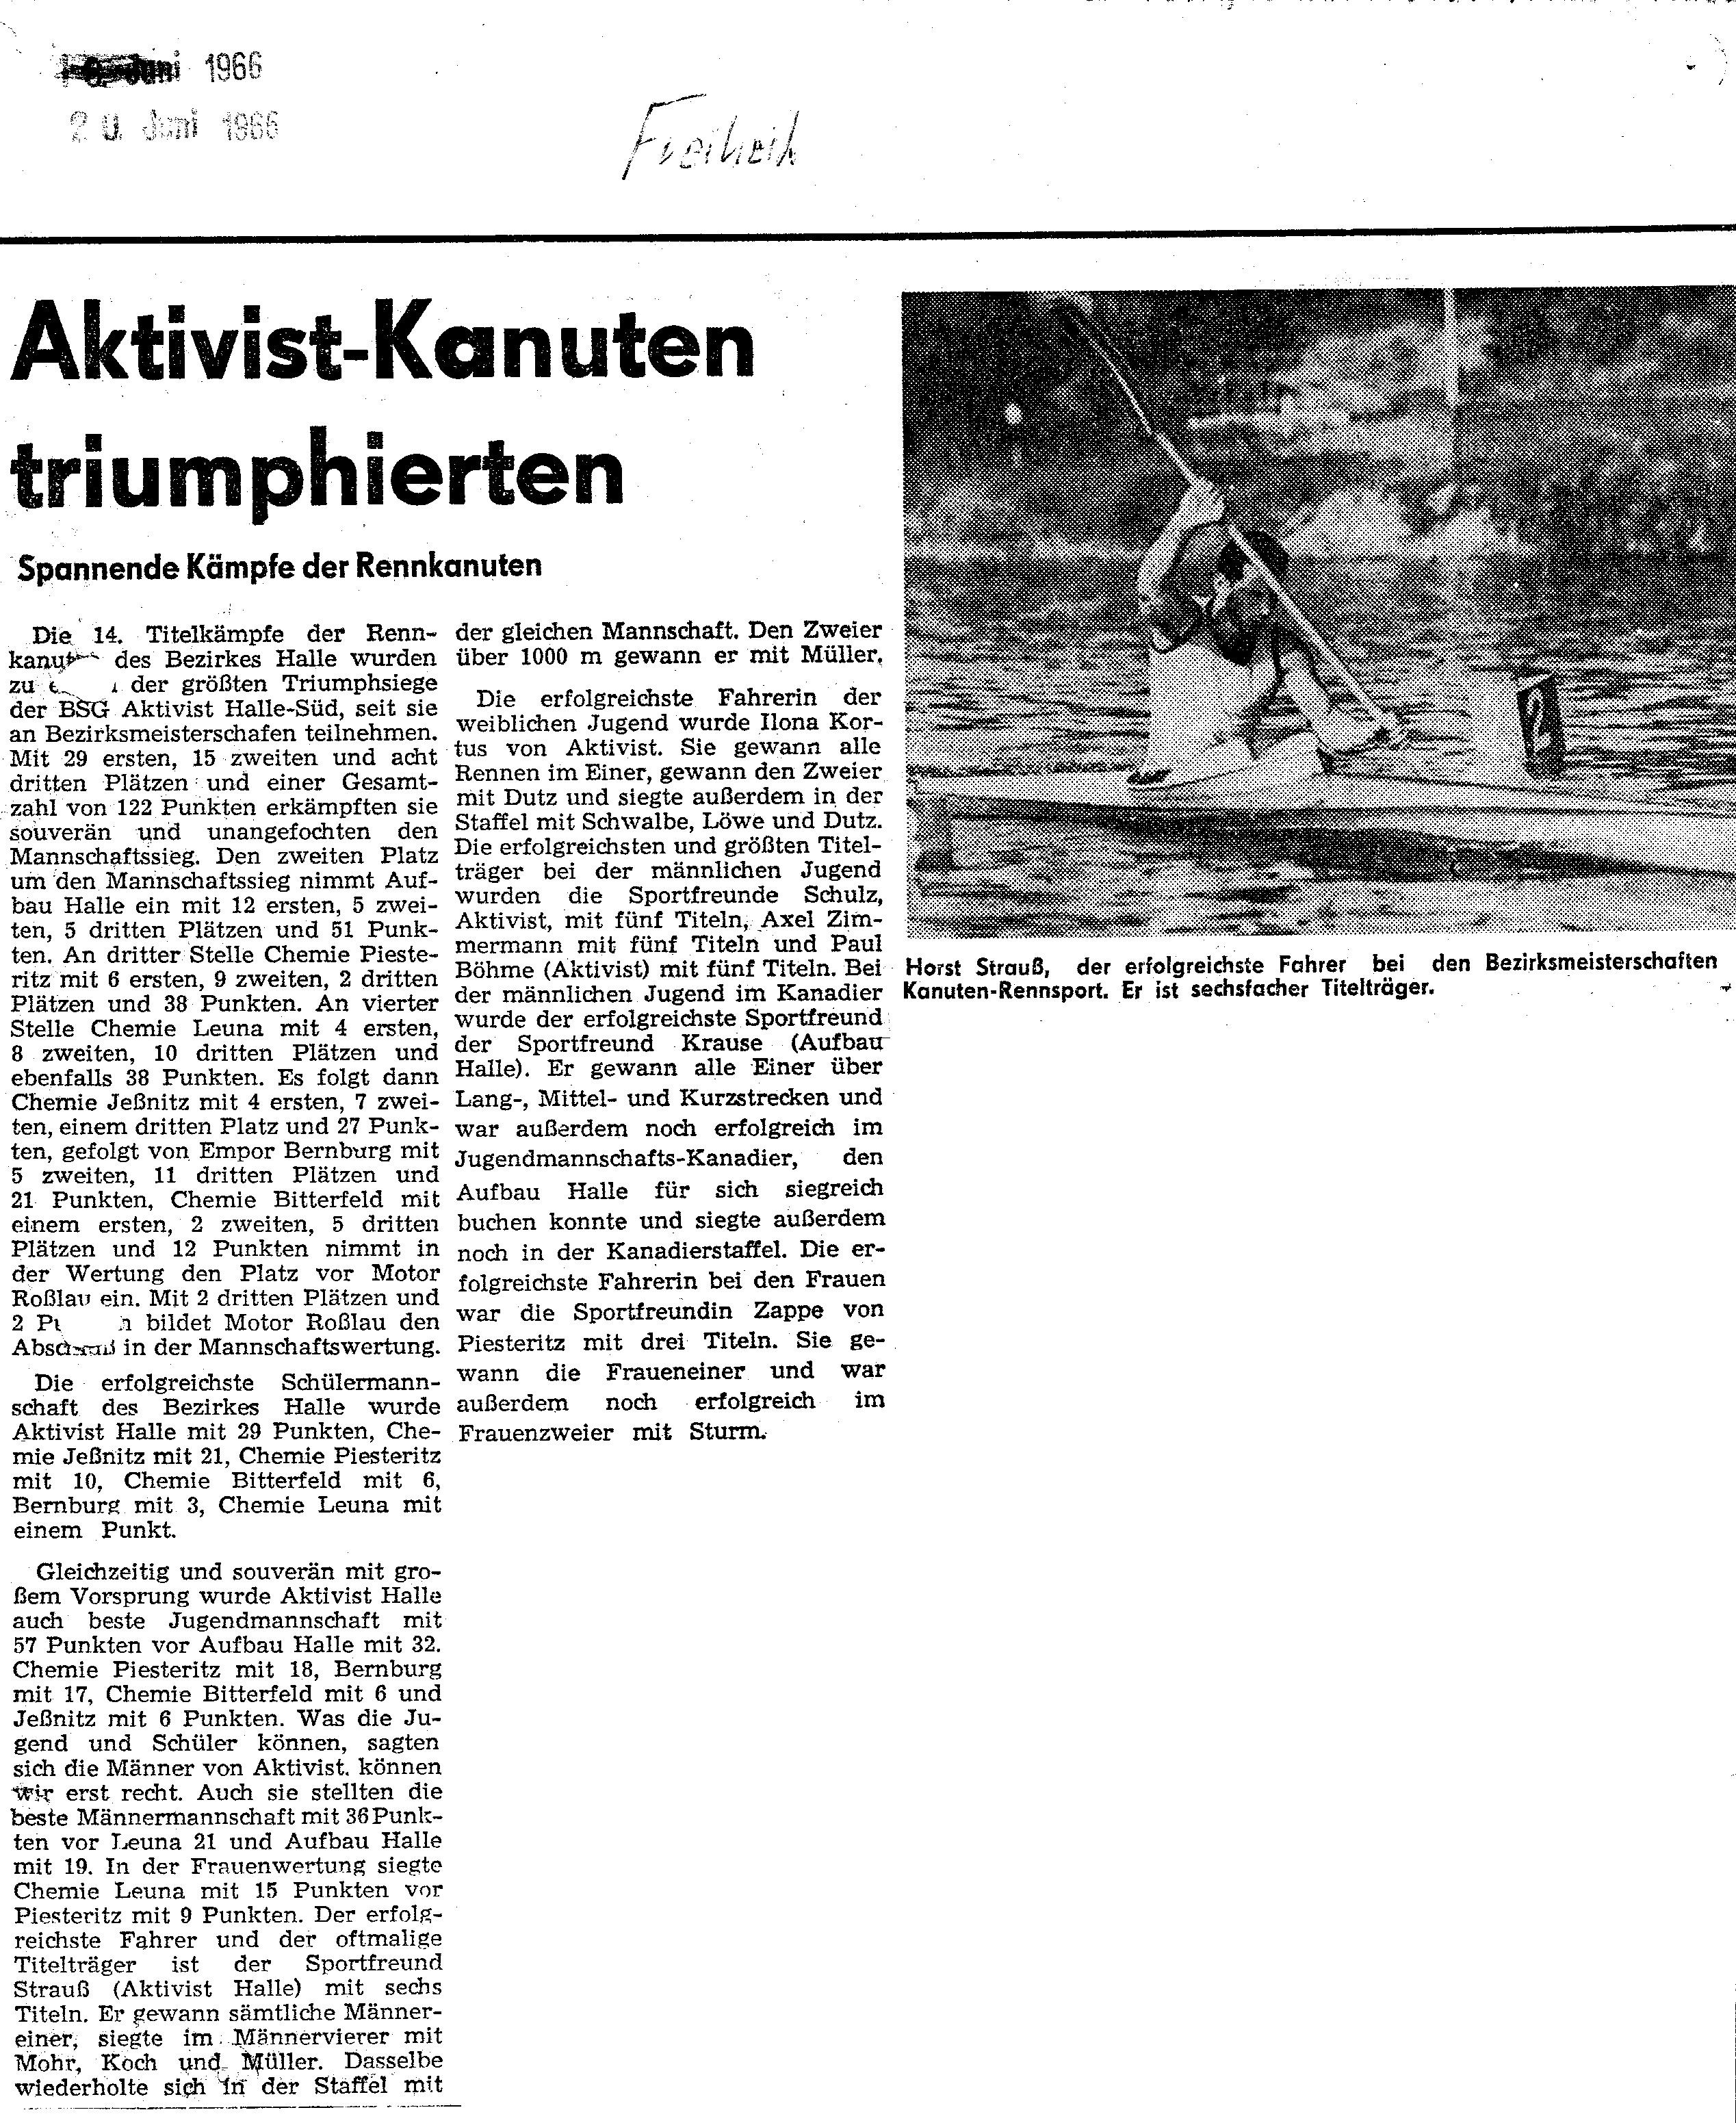 1966-06-20 Freiheit Aktivist Kanuten triumphierten